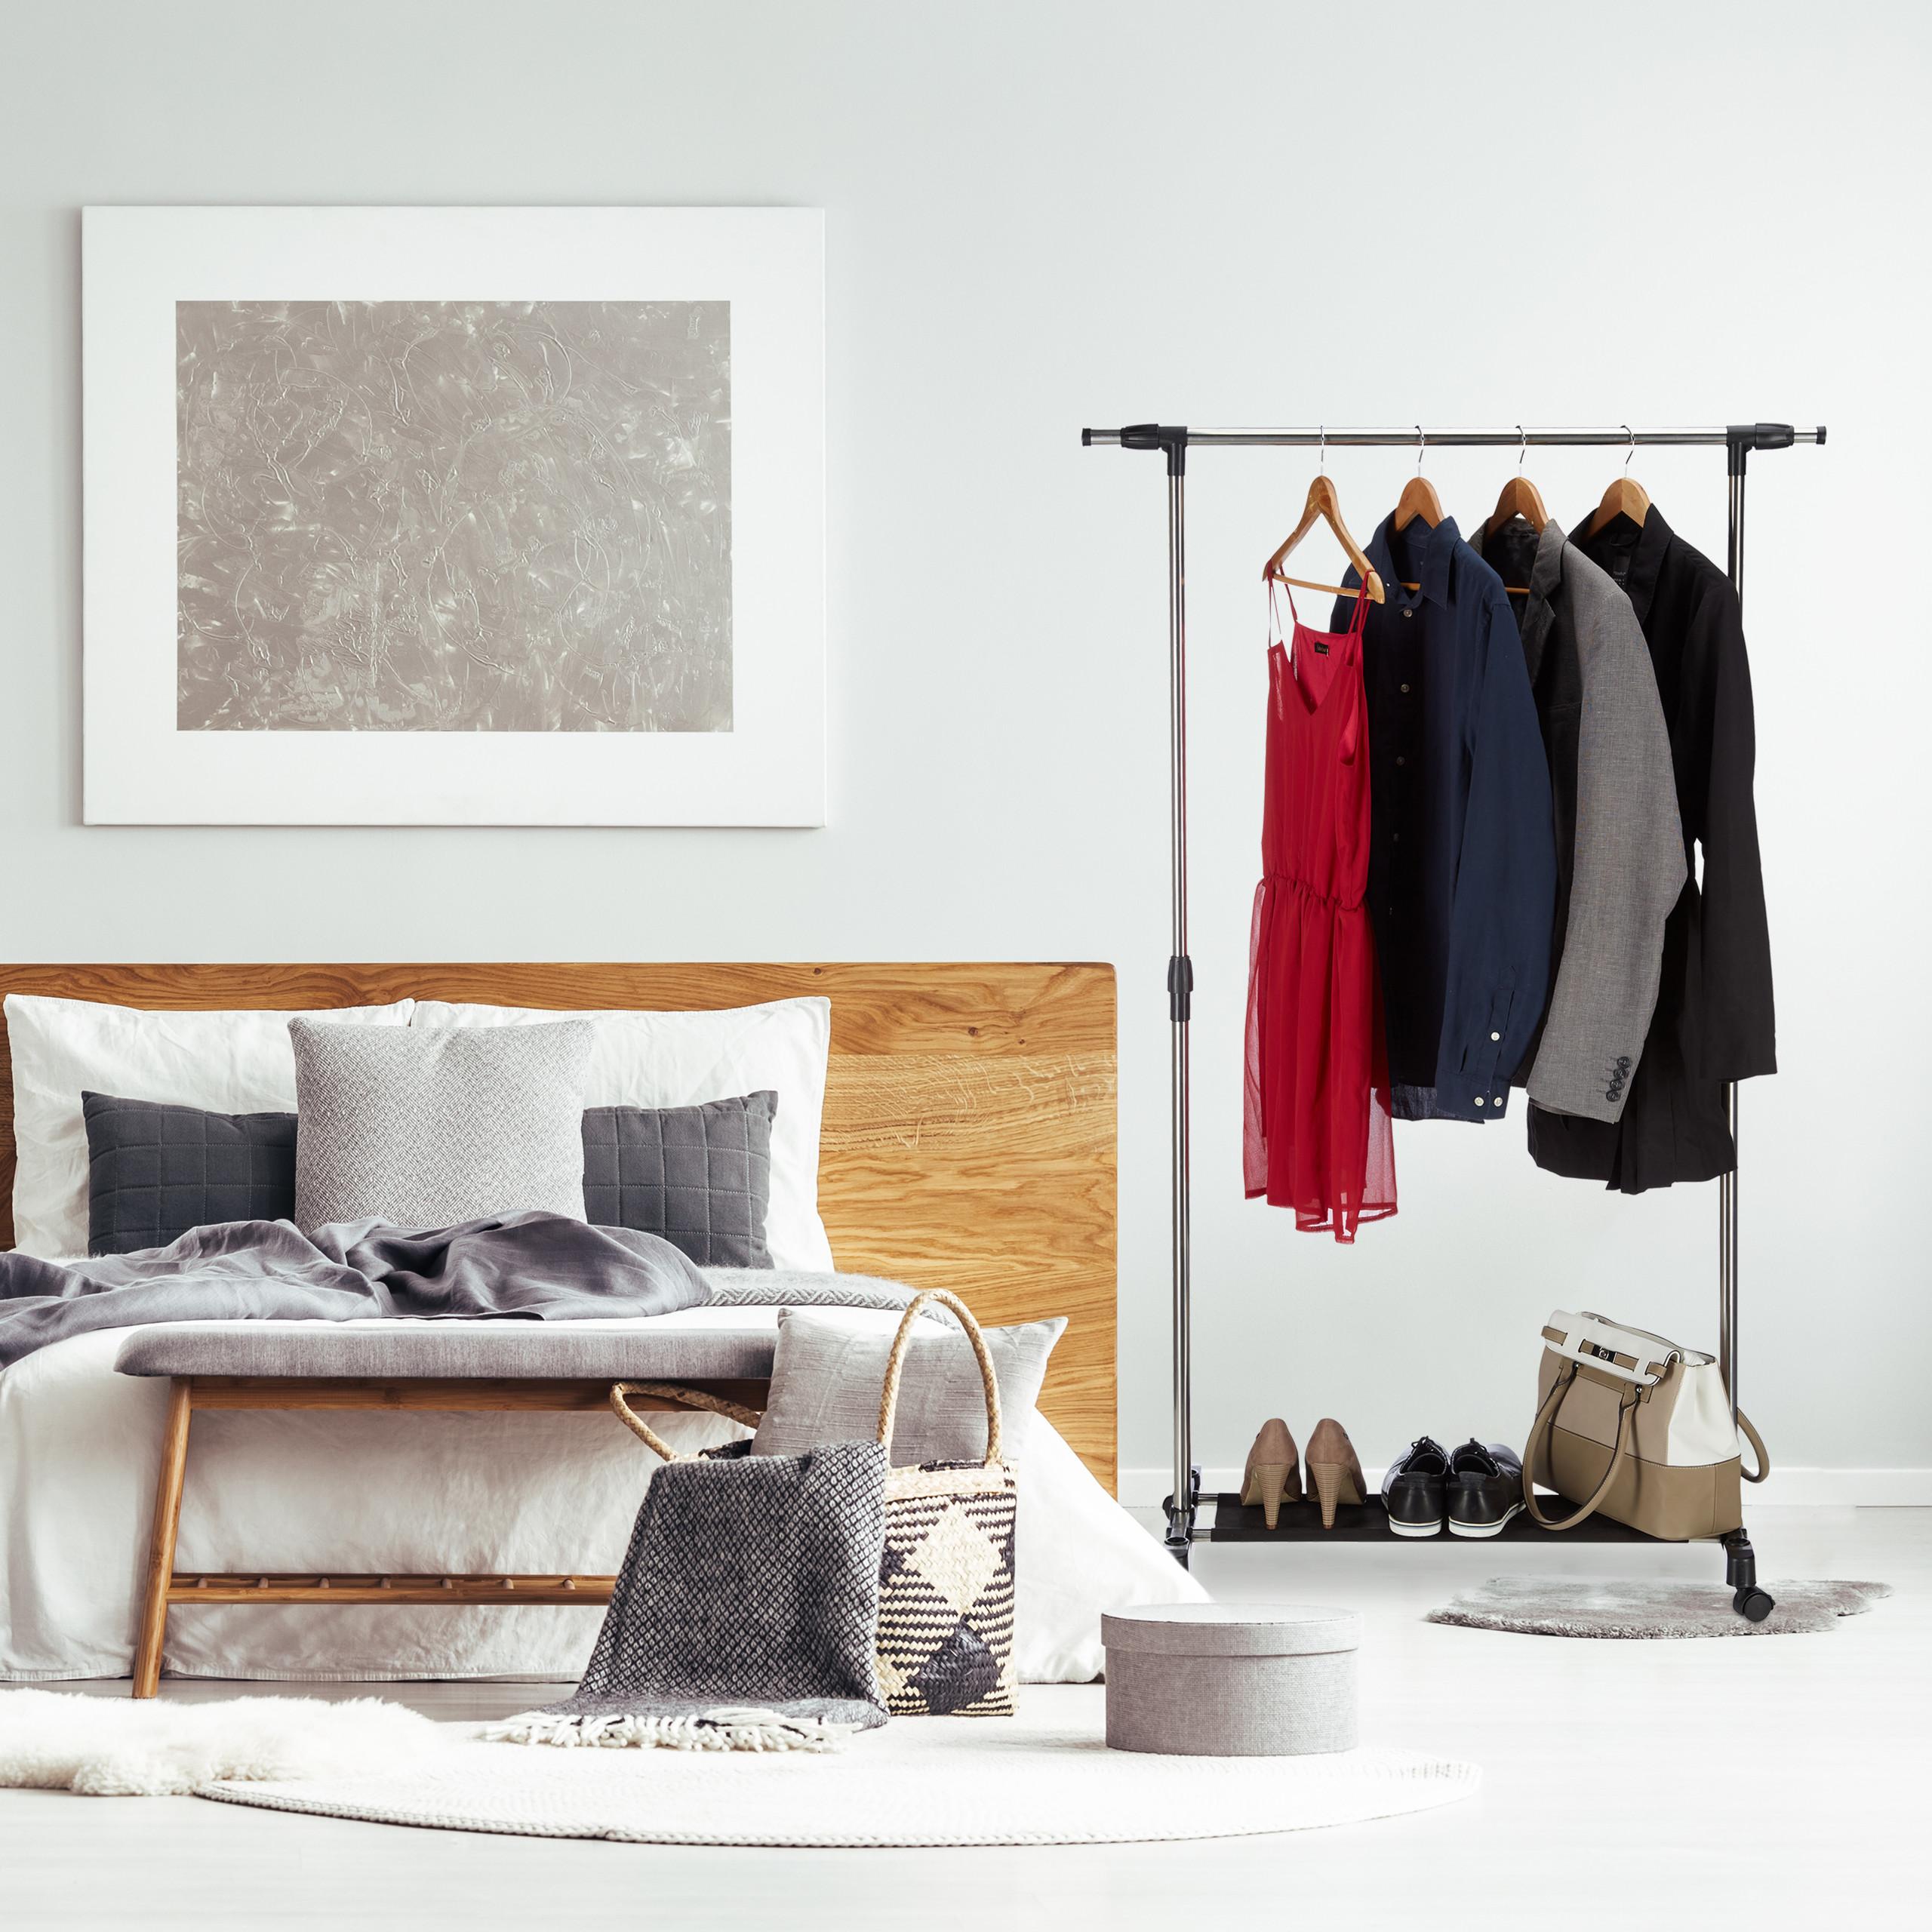 kleiderst nder auf rollen kleiderstange h henverstellbar. Black Bedroom Furniture Sets. Home Design Ideas